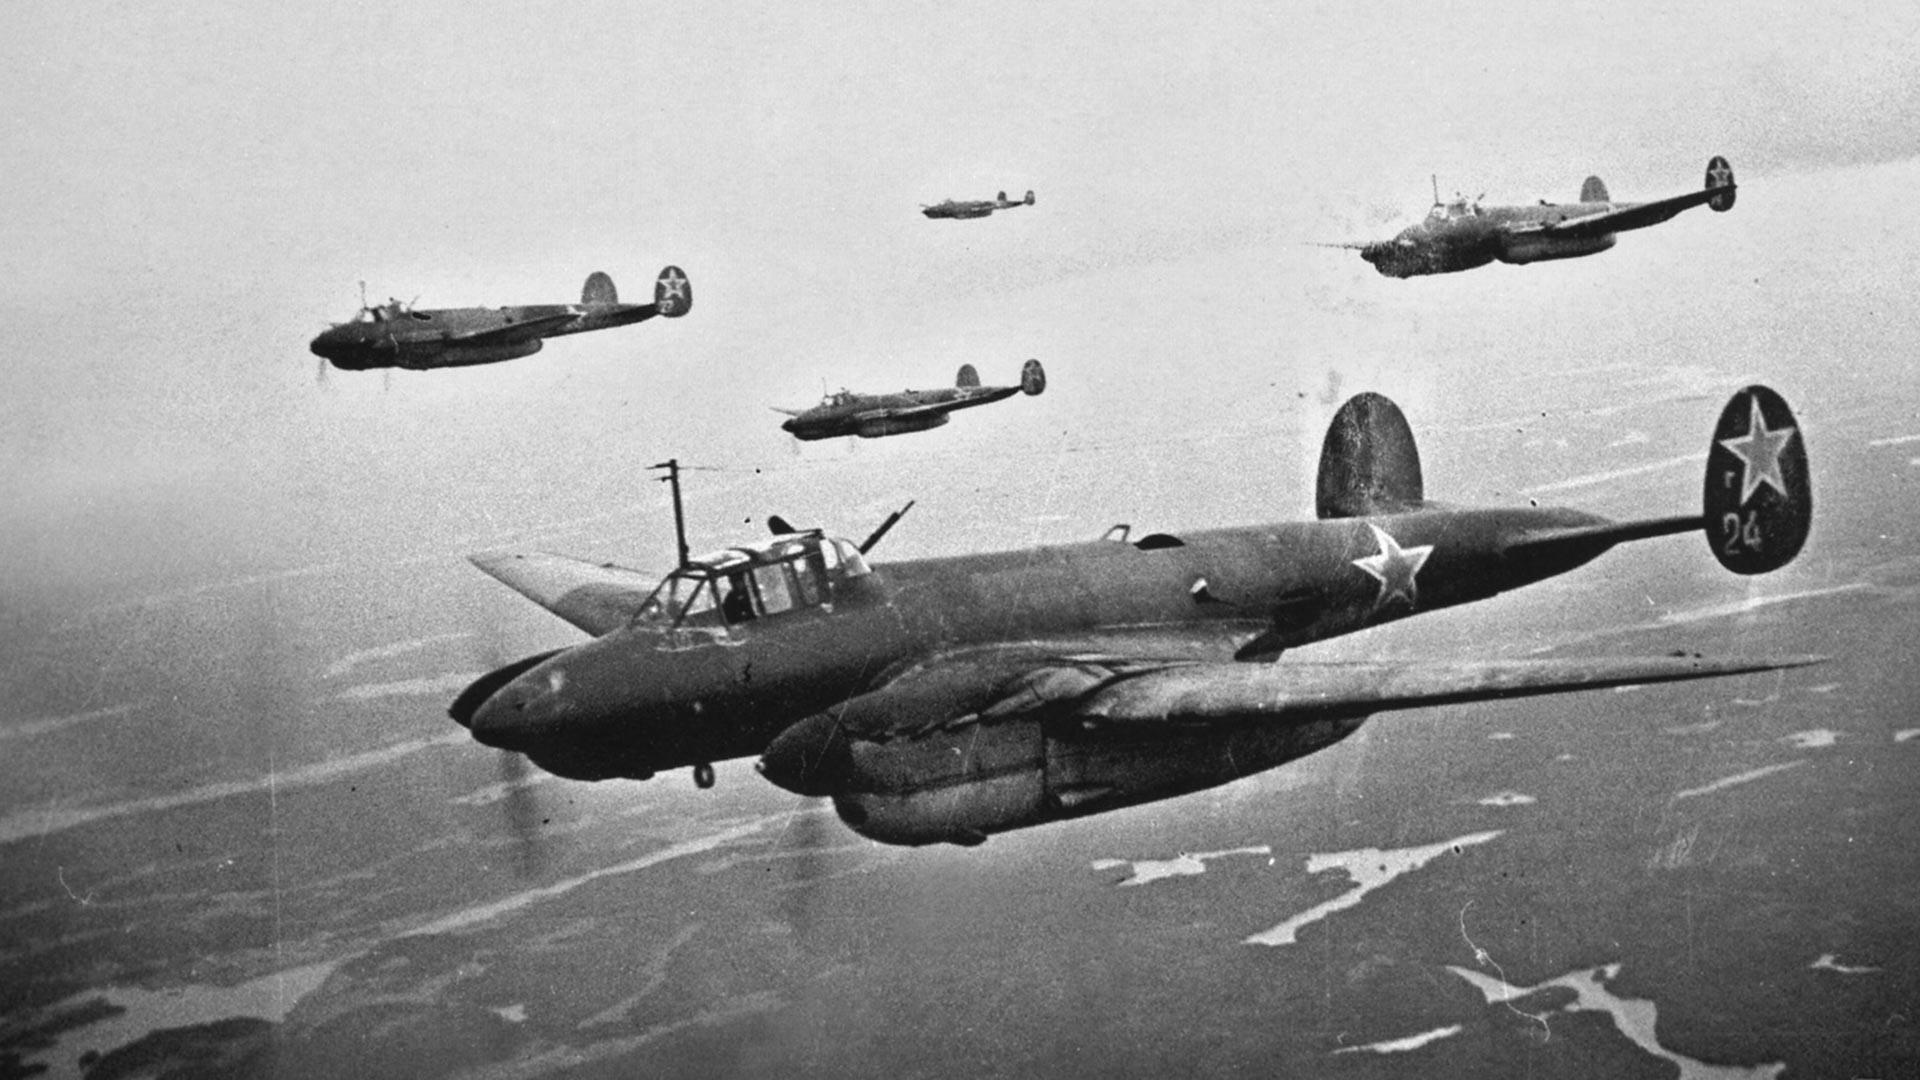 Бомбардери за обрушавање Пе-2 у ваздуху.